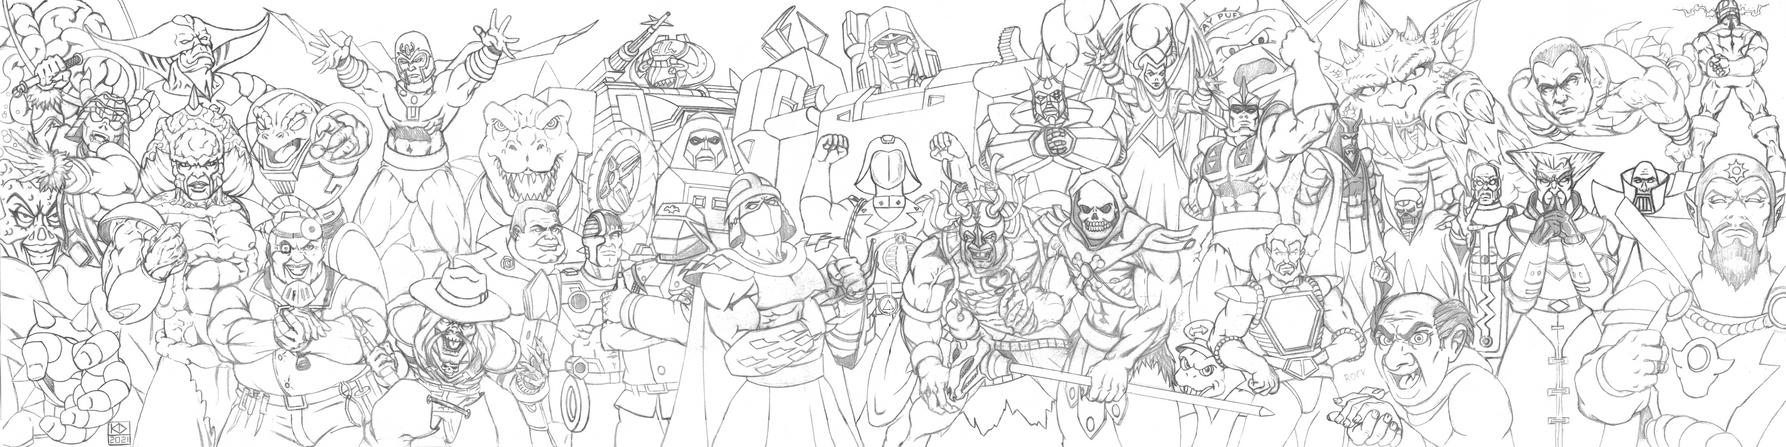 80s Cartoons Villains Wallpaper/Banner